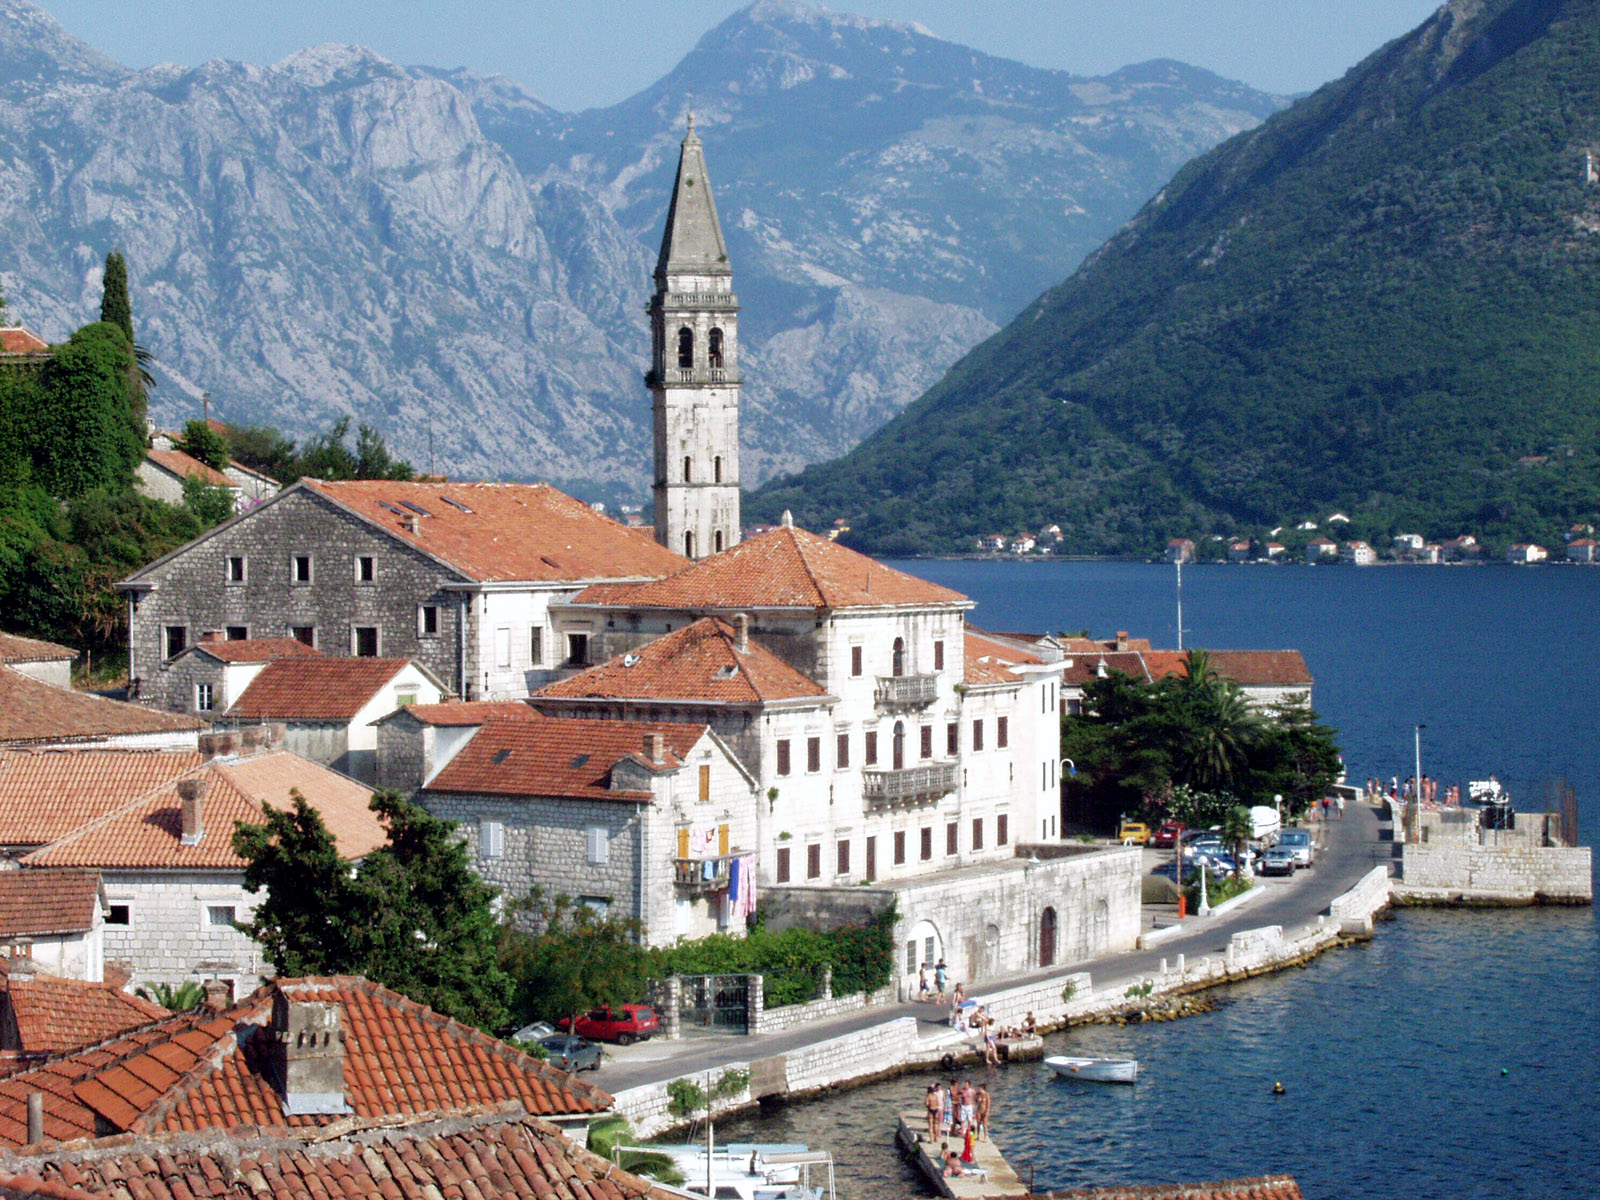 где лучше отдыхать в сентябре в хорватии или черногории